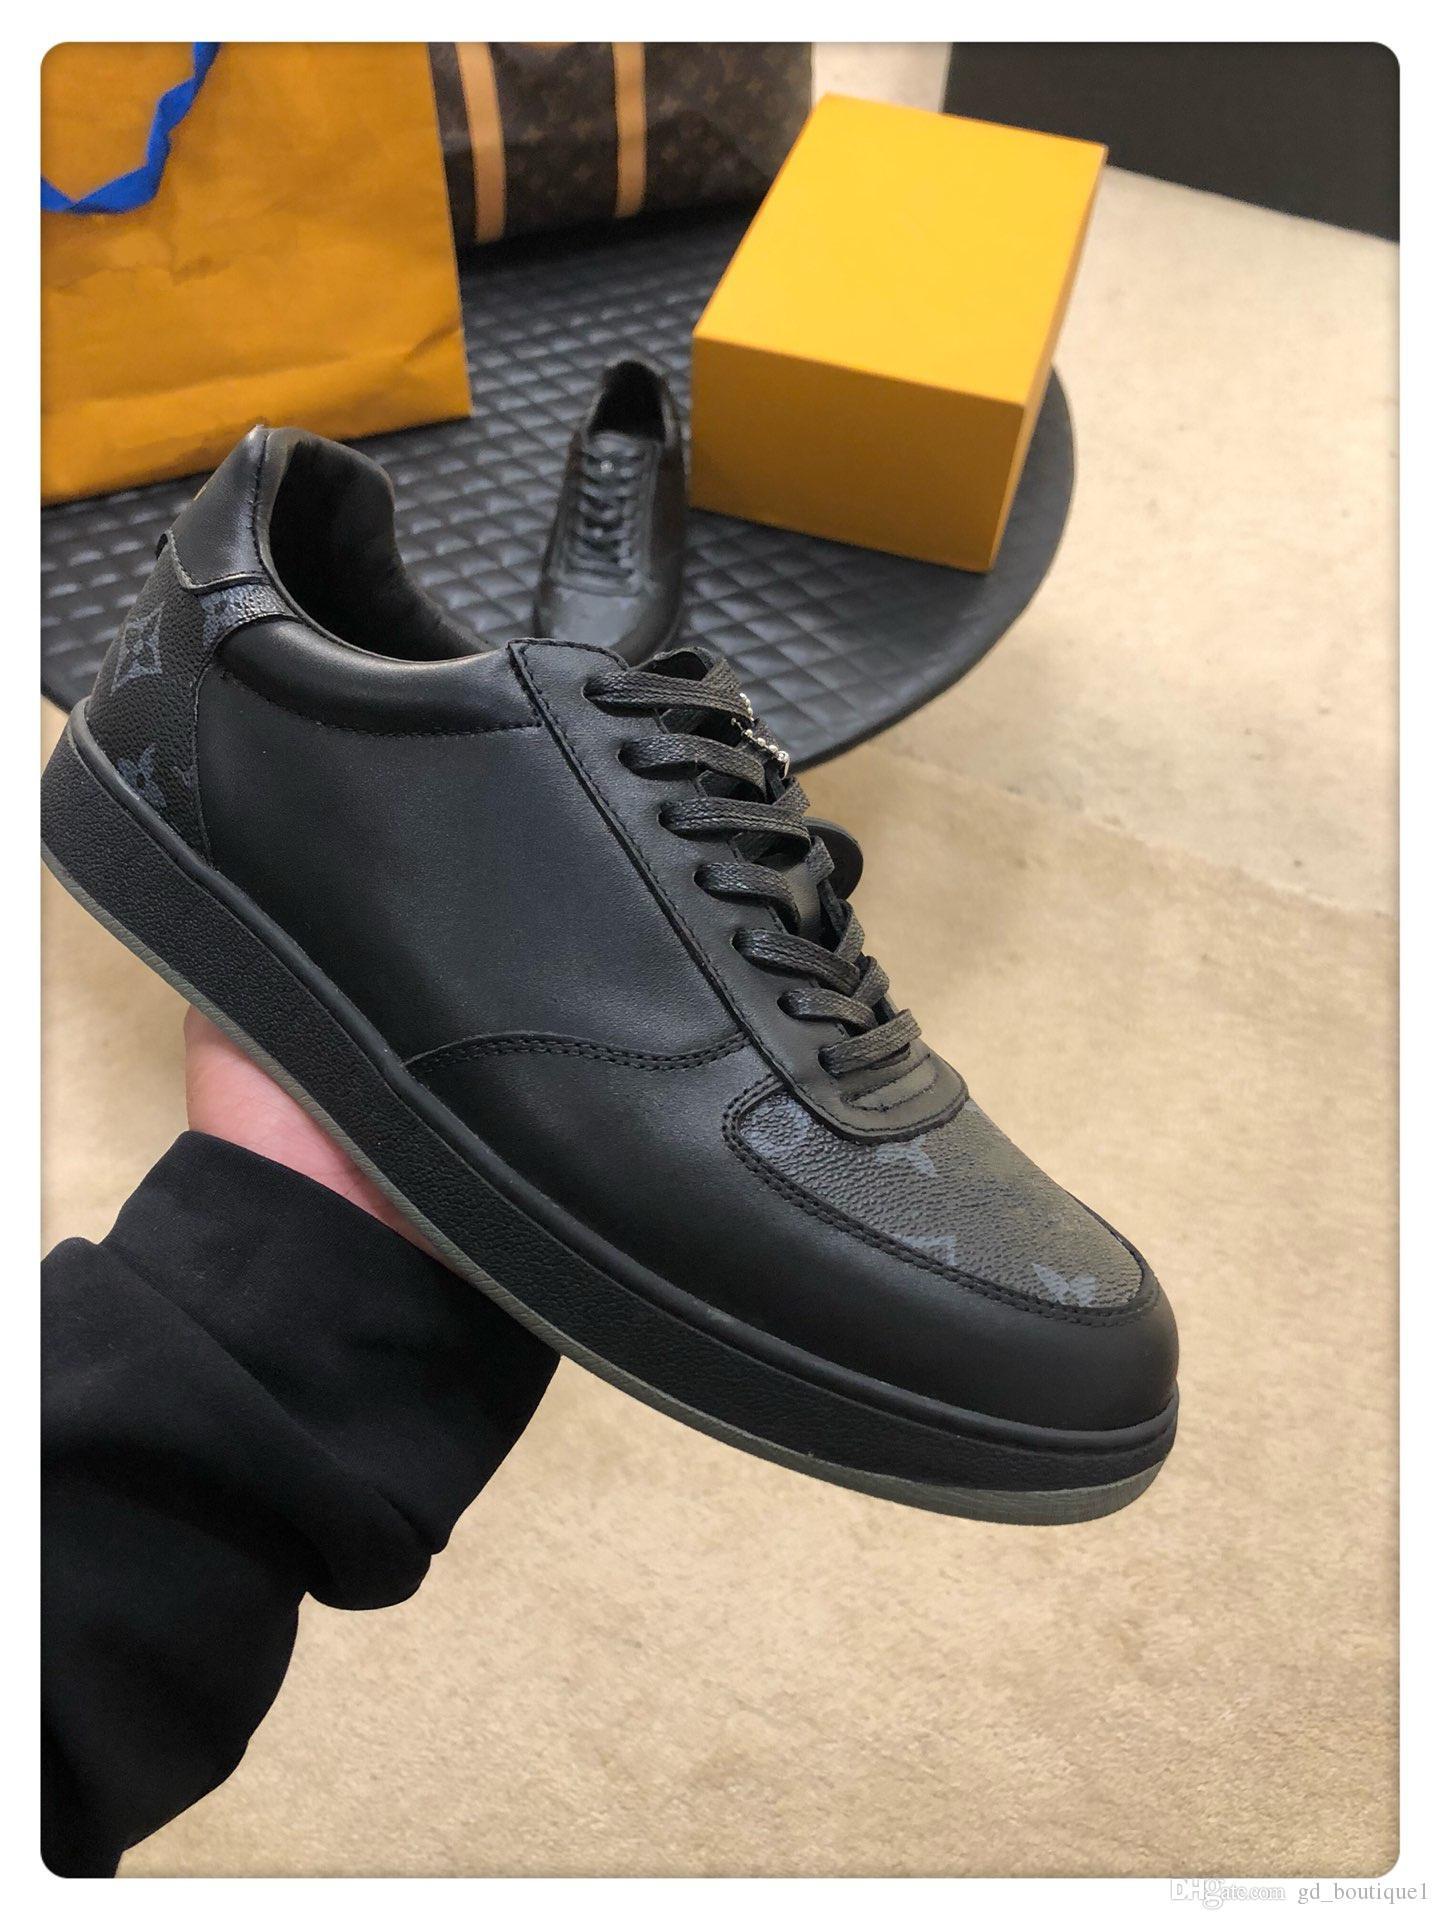 louis vuitton LV Mode Schuhe Herren Run Away Sneaker Luxus Chaussures gießen hommes Fashion Art Mens Schuhe Casual mit Origin Box Fußbekleidungen Verkauf